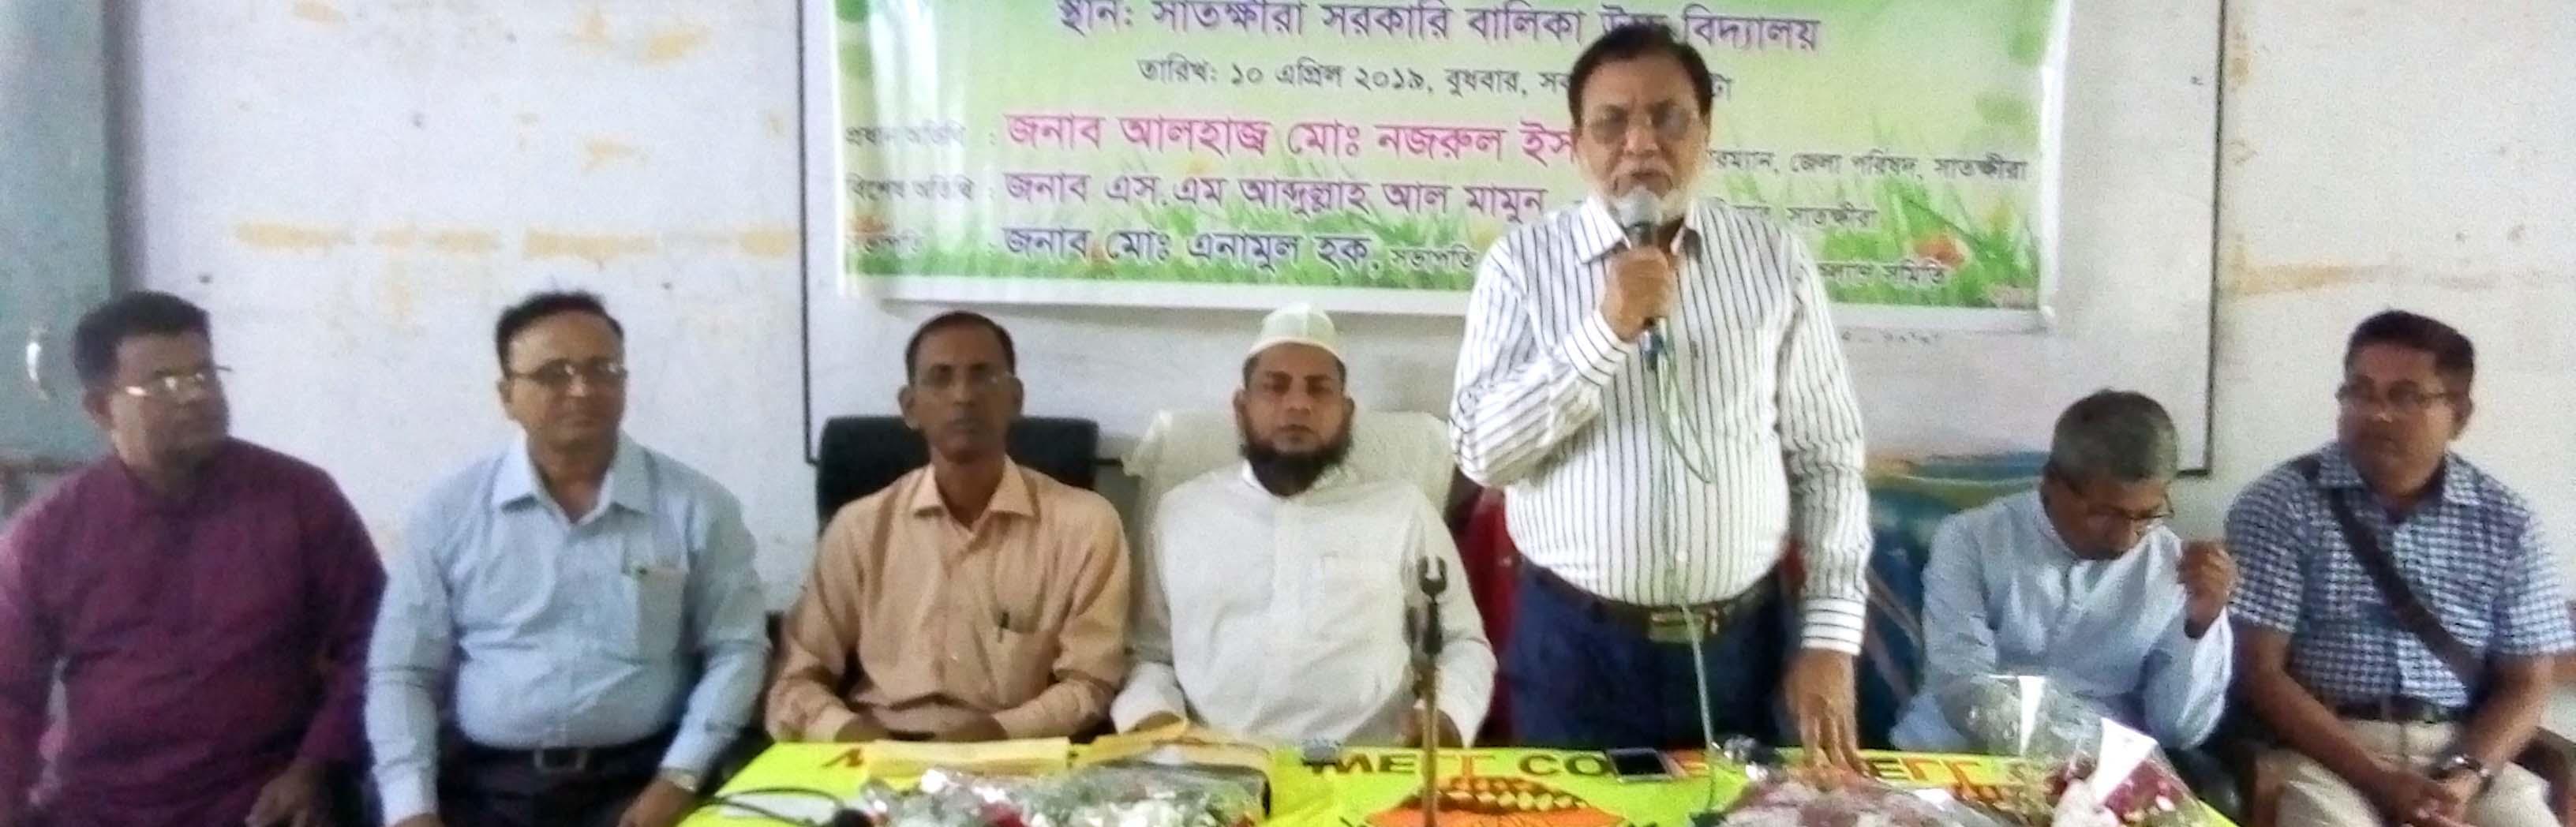 জেলা শিক্ষক কর্মচারী কল্যাণ সমিতির অবসরভাতা পেলেন ৪৫জন